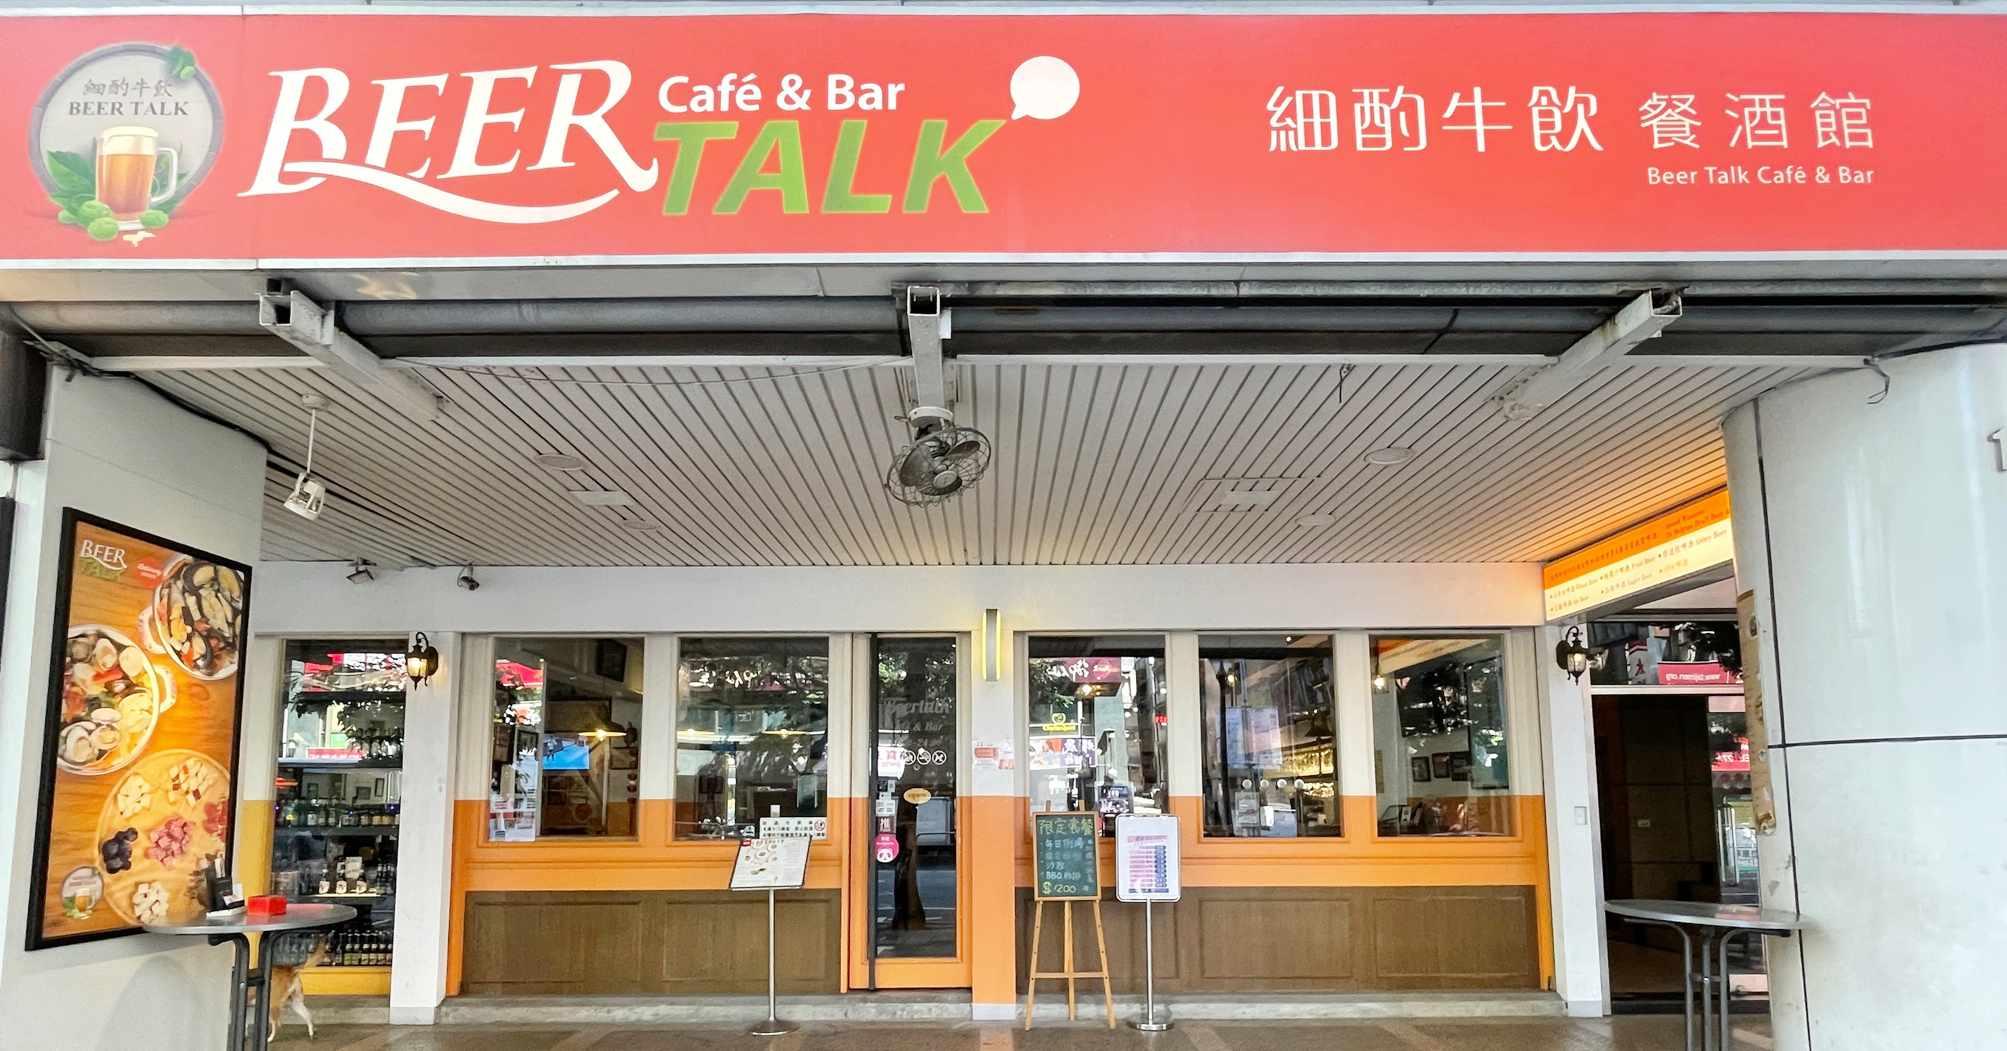 台北101美食,Beer Talk Cafe & Bar 細酌牛飲,Beer Talk,比利時精釀啤酒餐酒館推薦 @Nash,神之領域